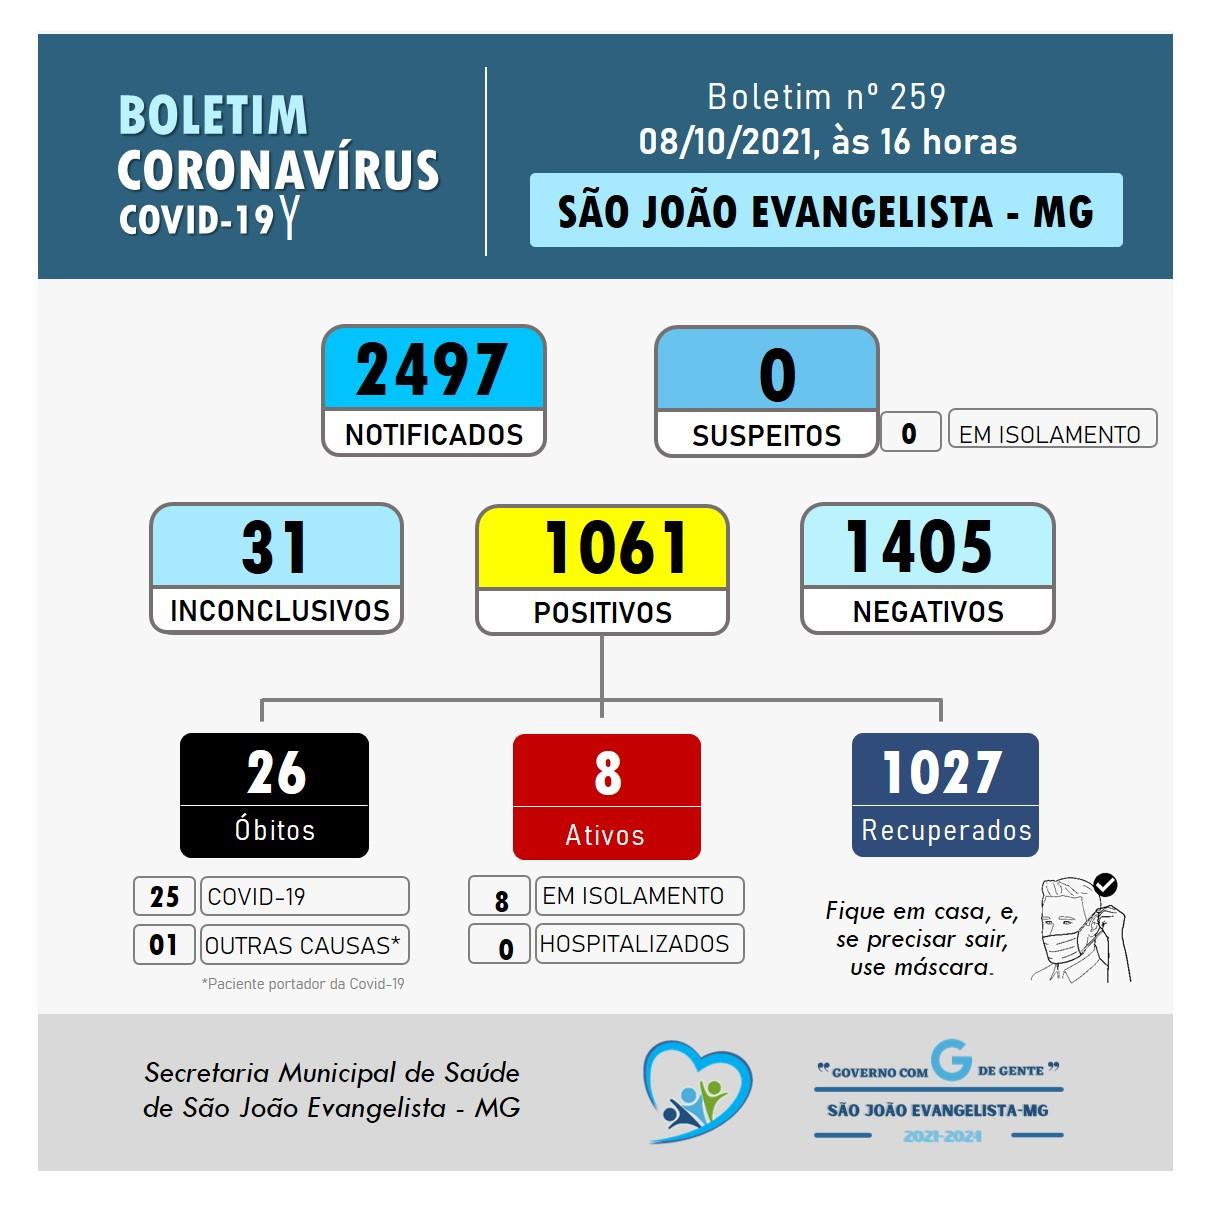 BOLETIM CORONAVÍRUS N° 259 DE 08/10/2021